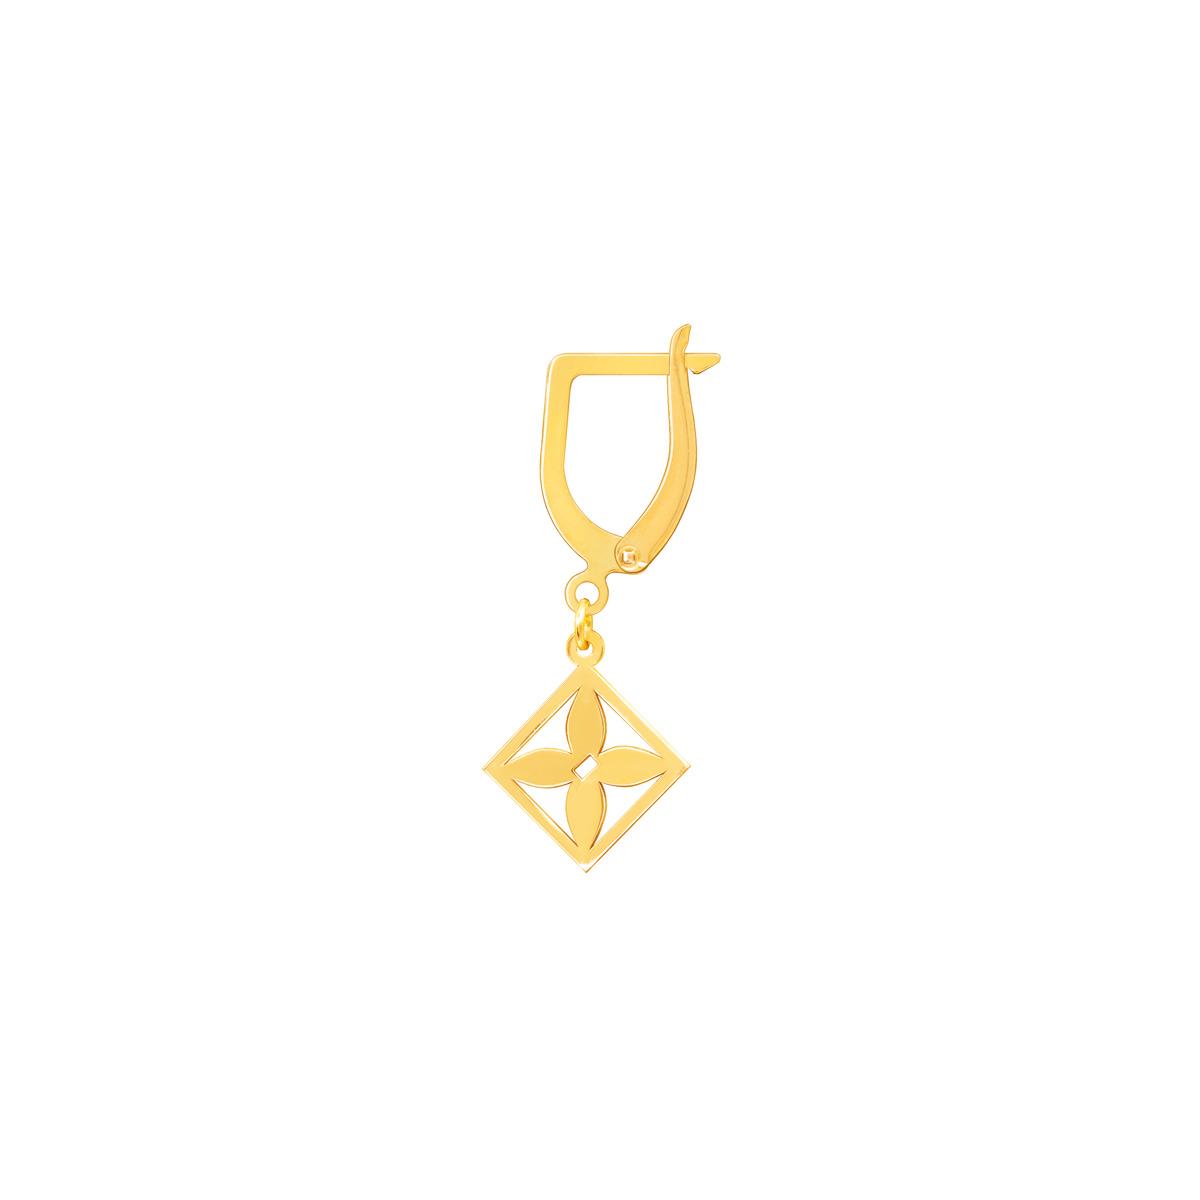 گوشواره طلا تک لنگه ای هور پرسته